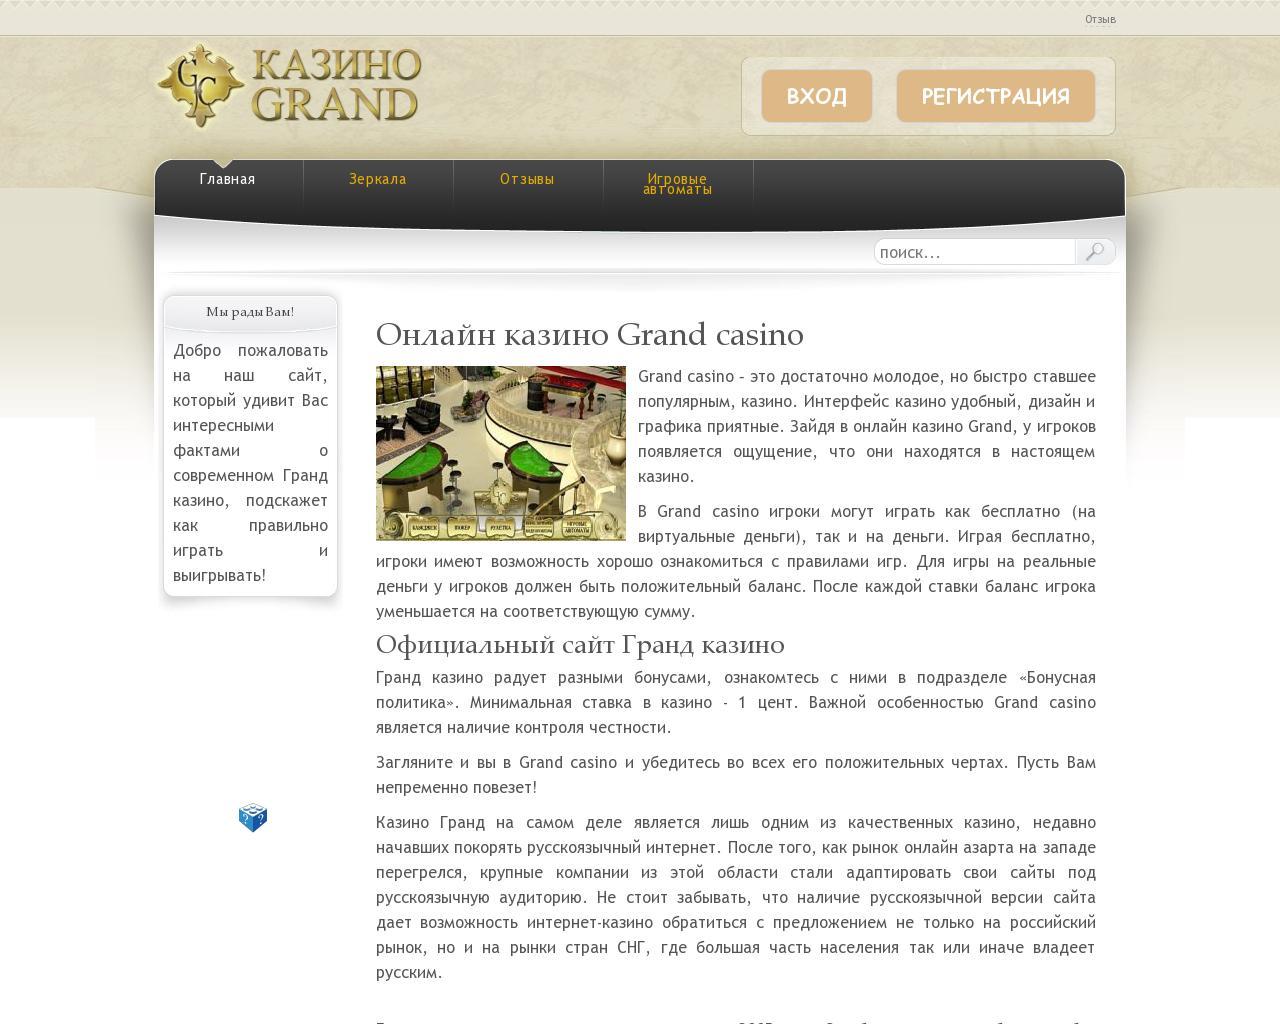 официальный сайт как вывести деньги с гранд казино